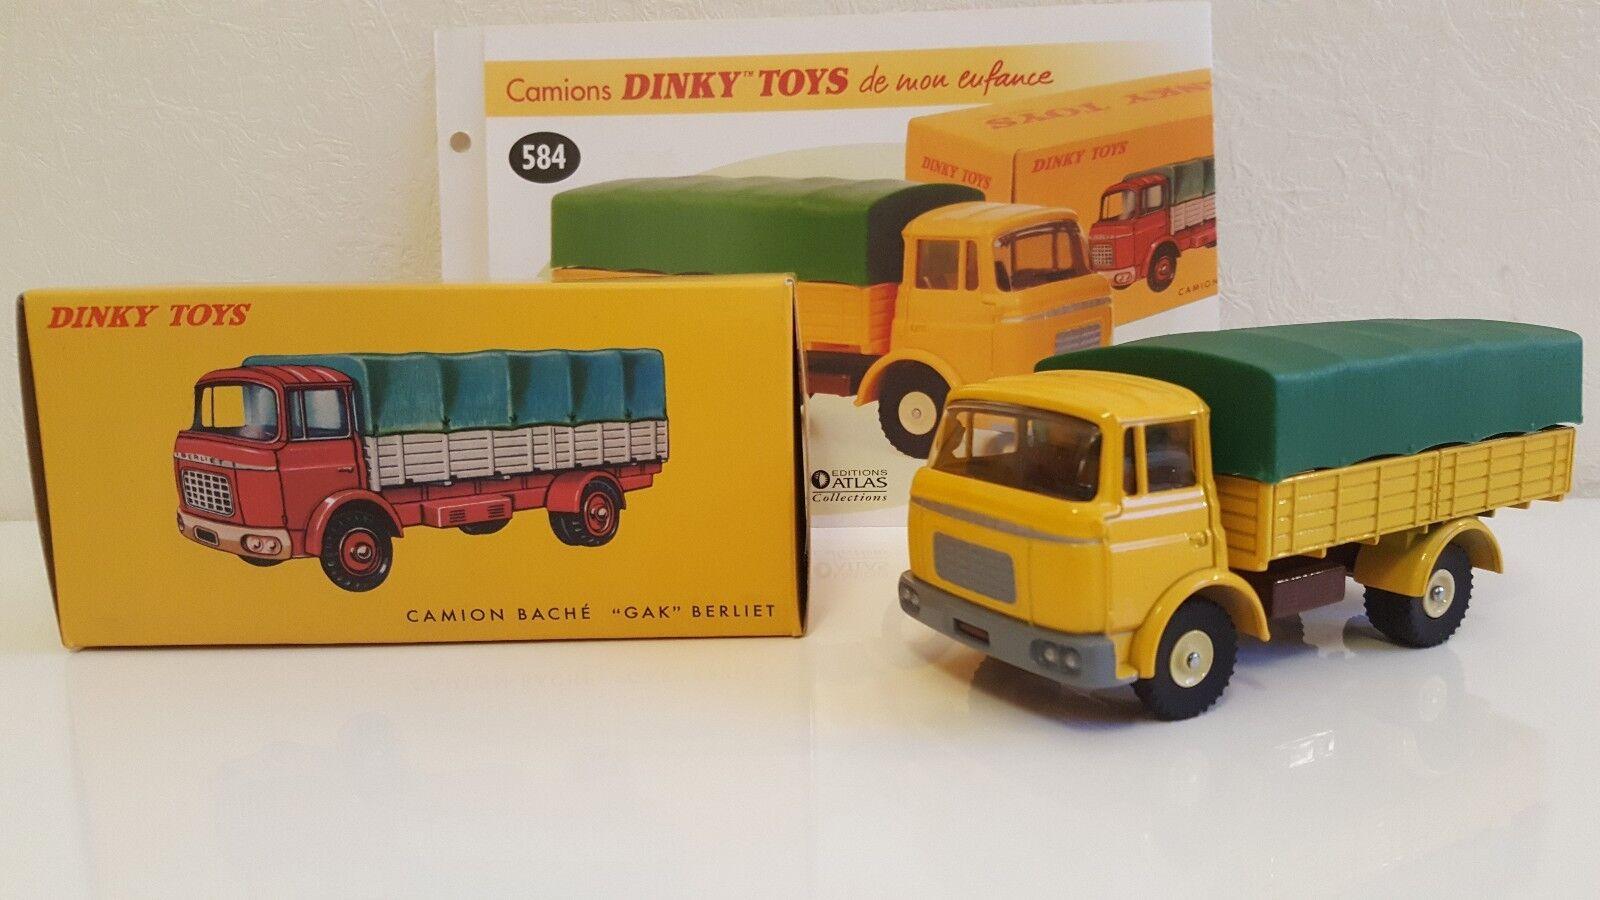 Dinky toys atlas-berliet gak sheeted